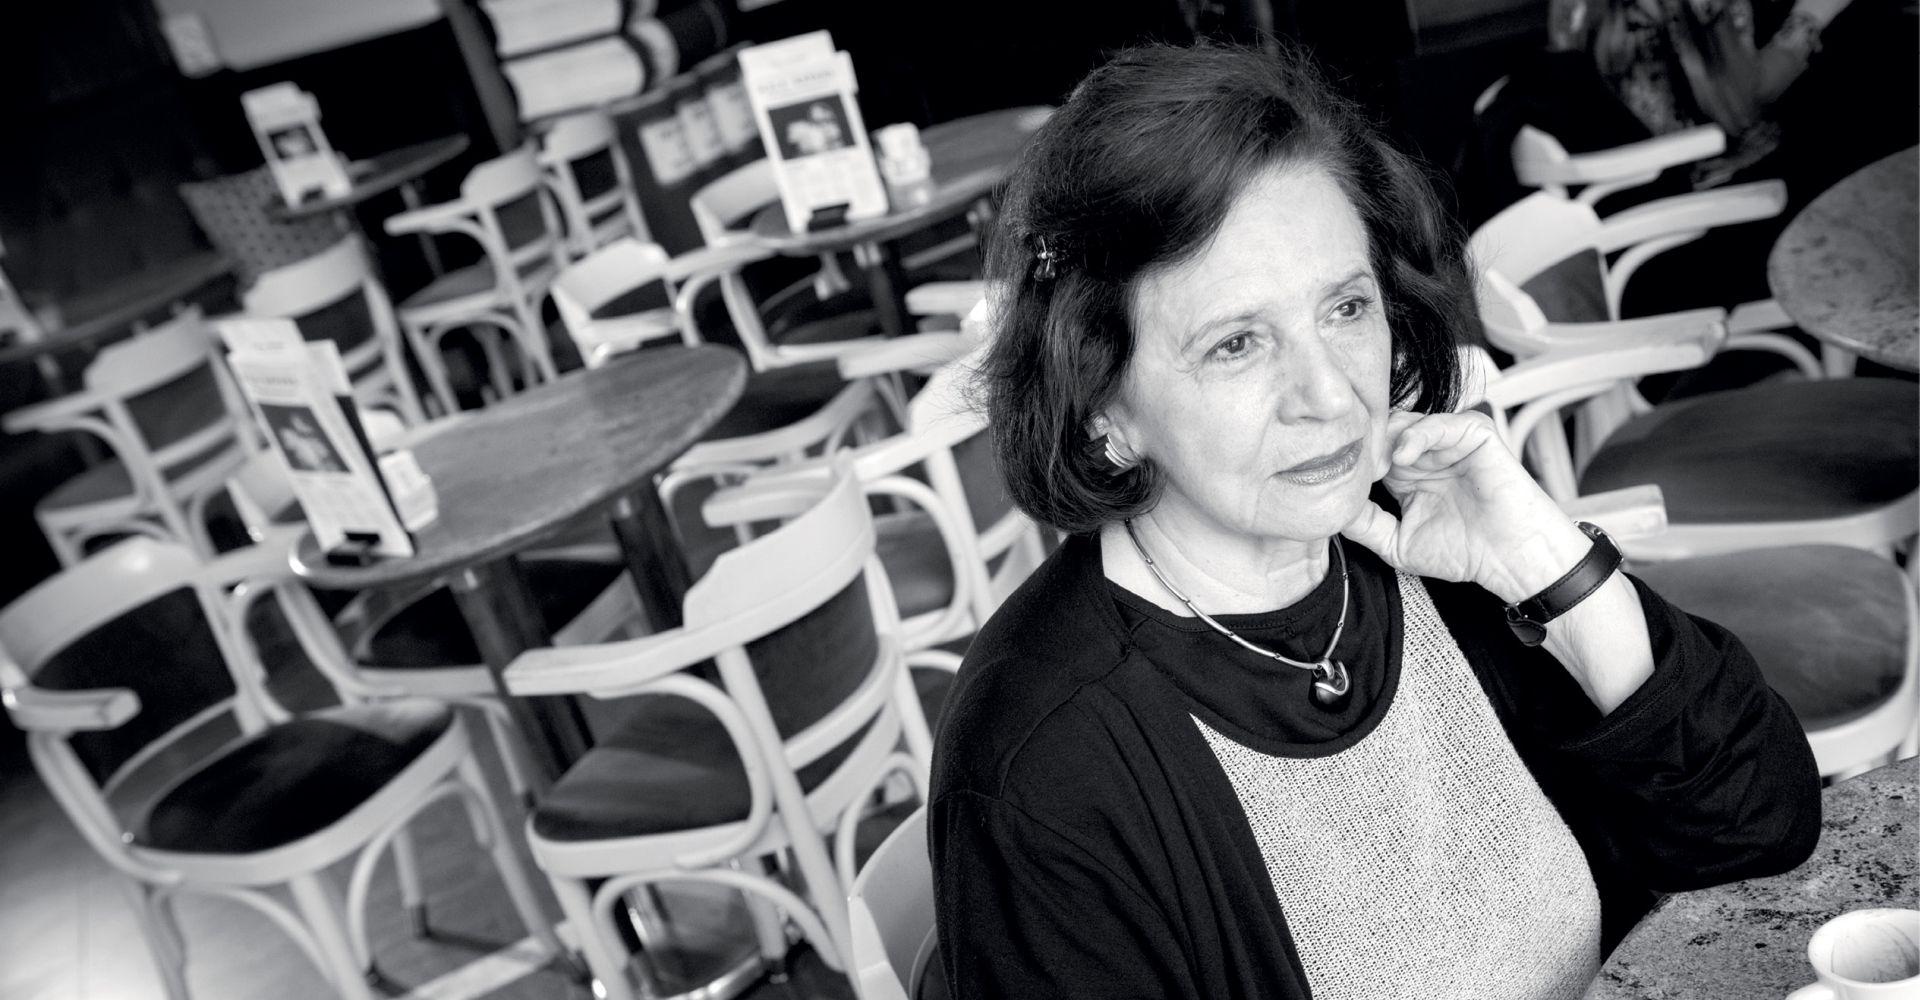 'Ljubi Babiću sam se divila, a Kauzlariću nisam dala da me naslika'